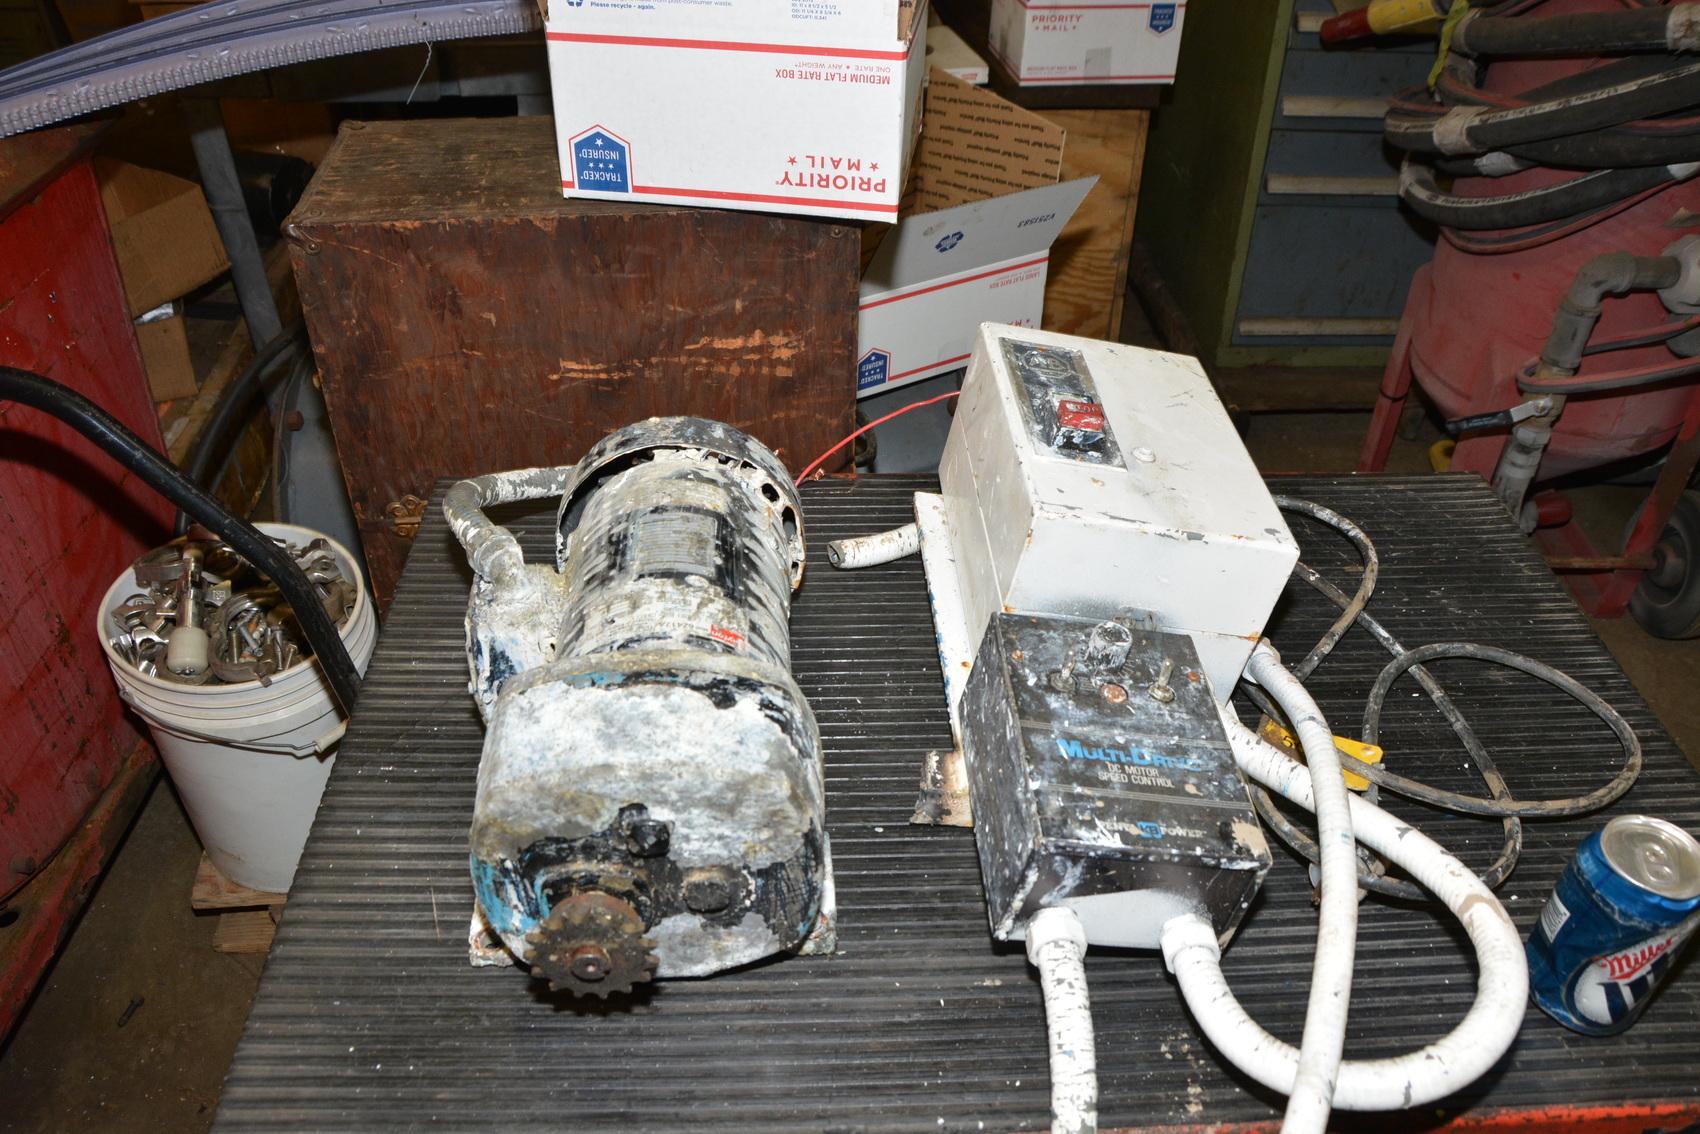 Dsc 0111 Jpg Of Dayton 6z417a Dc Electrical Gearmotor With